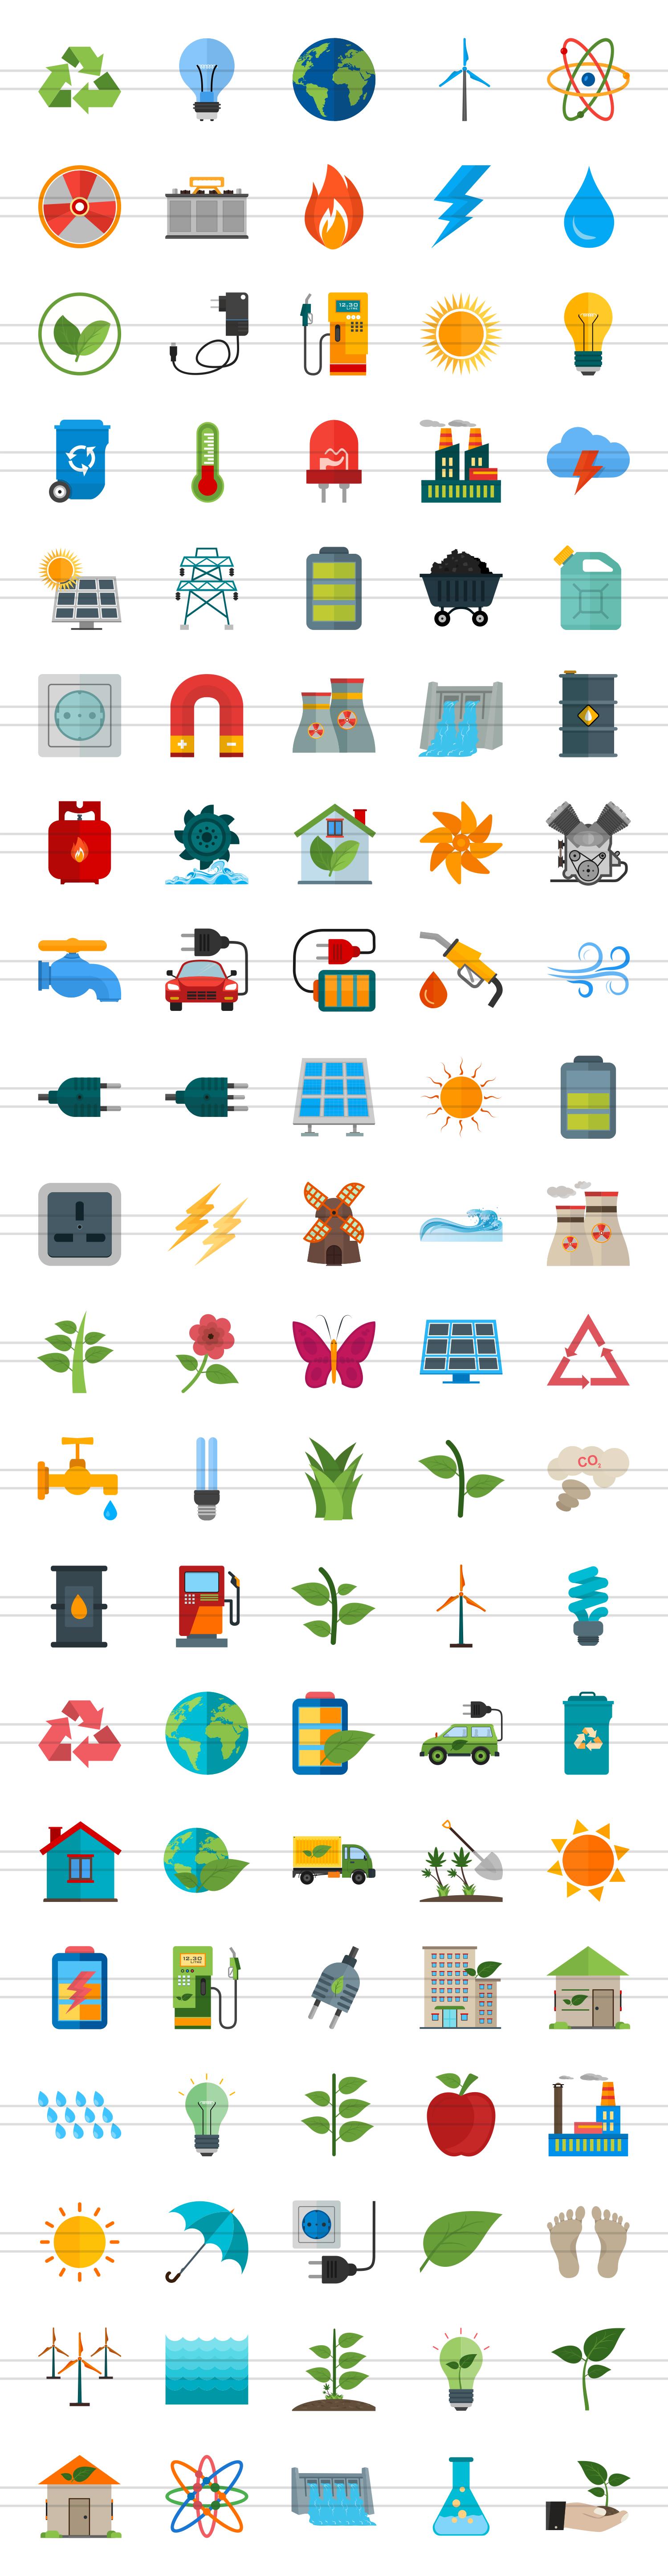 100 Energy Flat Icons example image 2